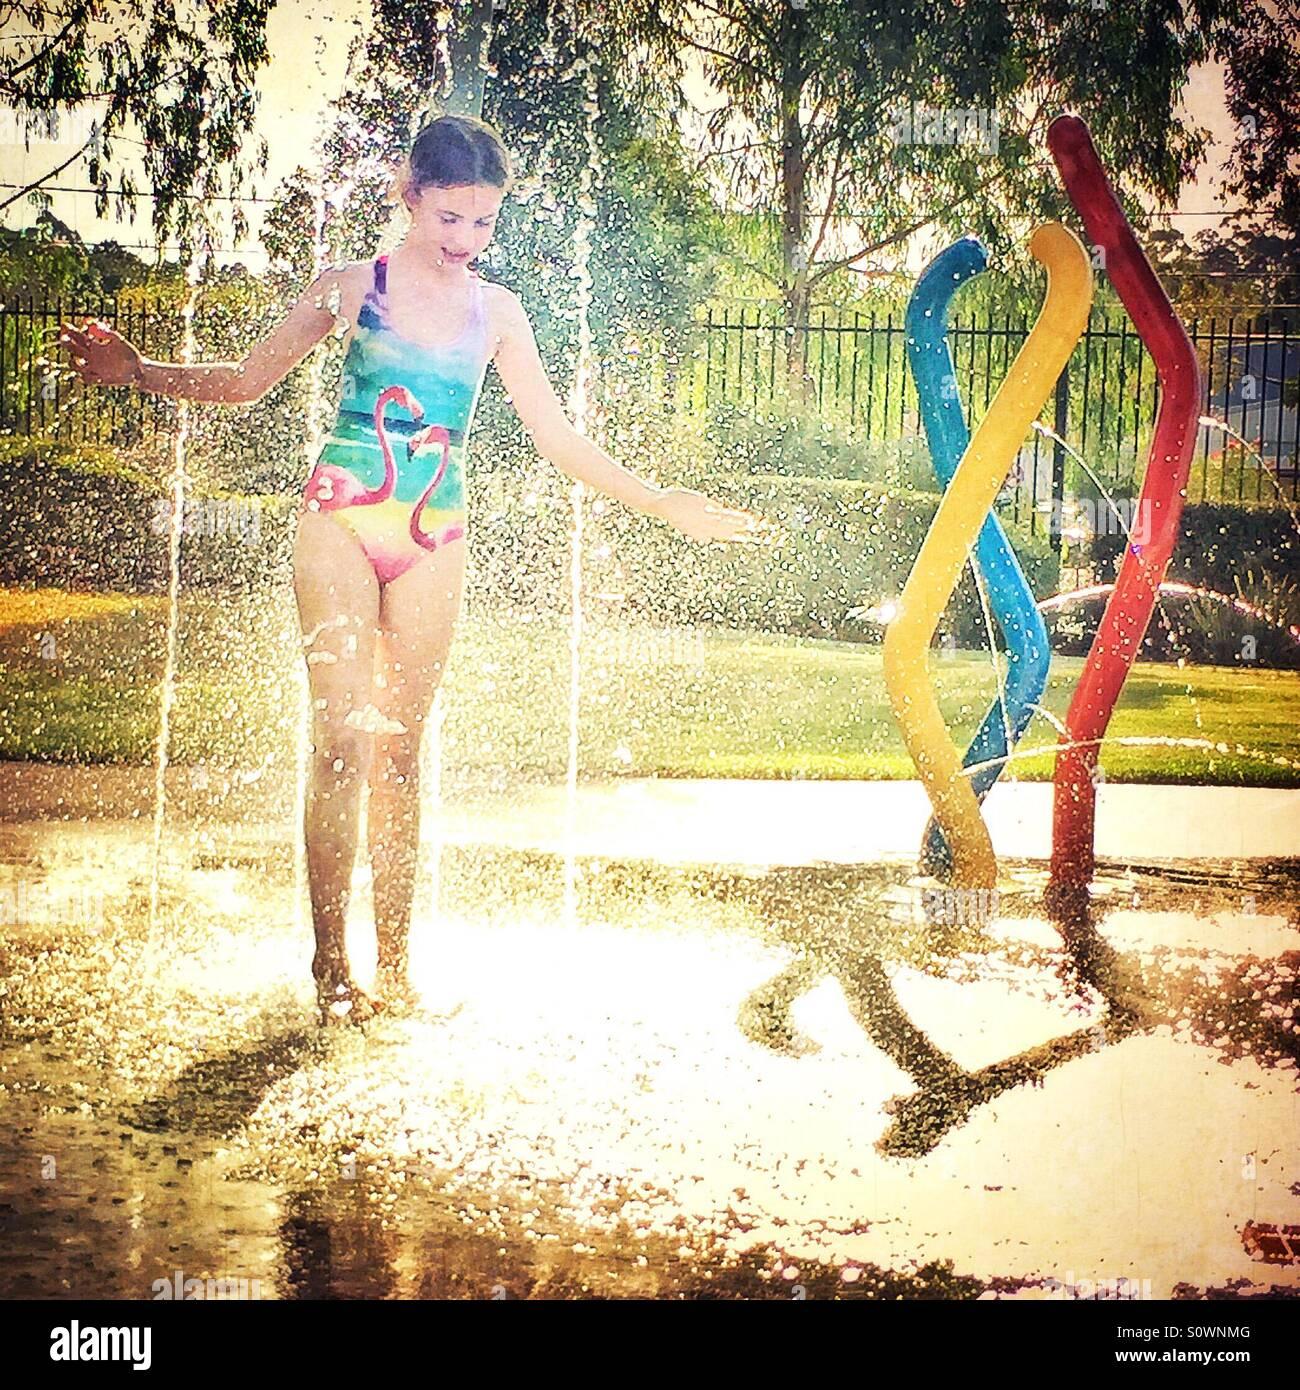 Chica en bañador jugando en la fuente de agua potable en verano Imagen De Stock